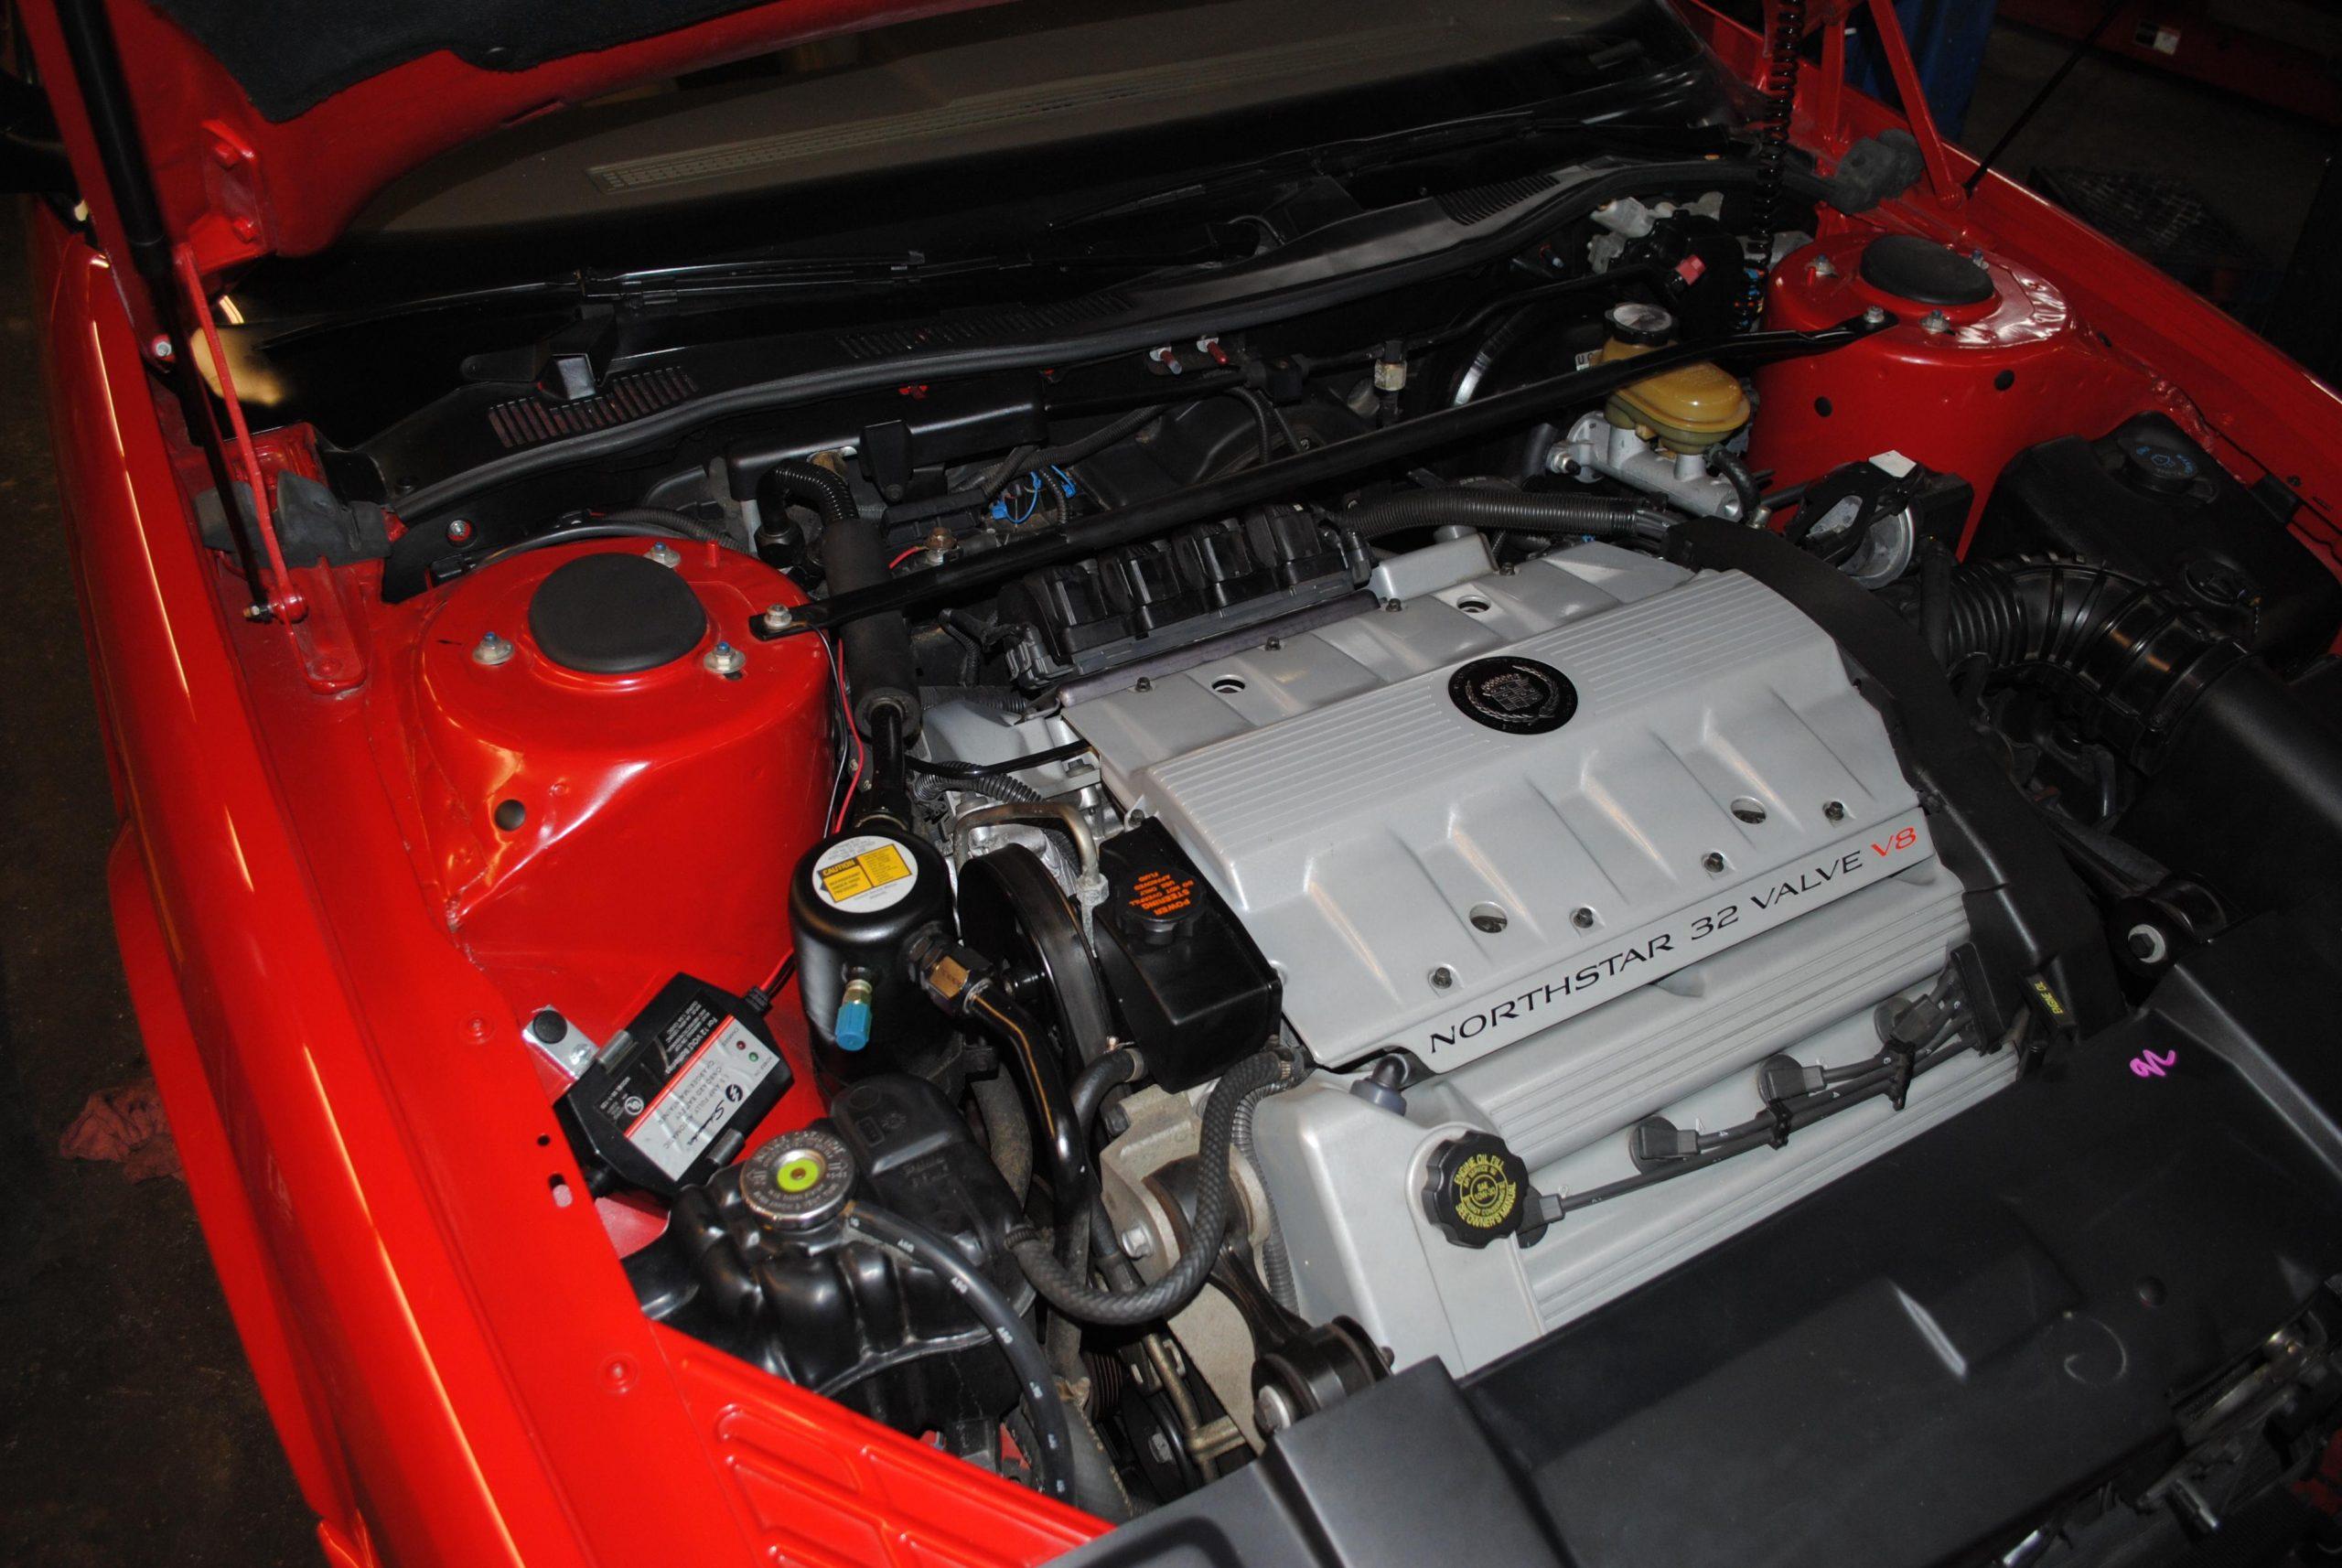 1993 Cadillac Allante engine